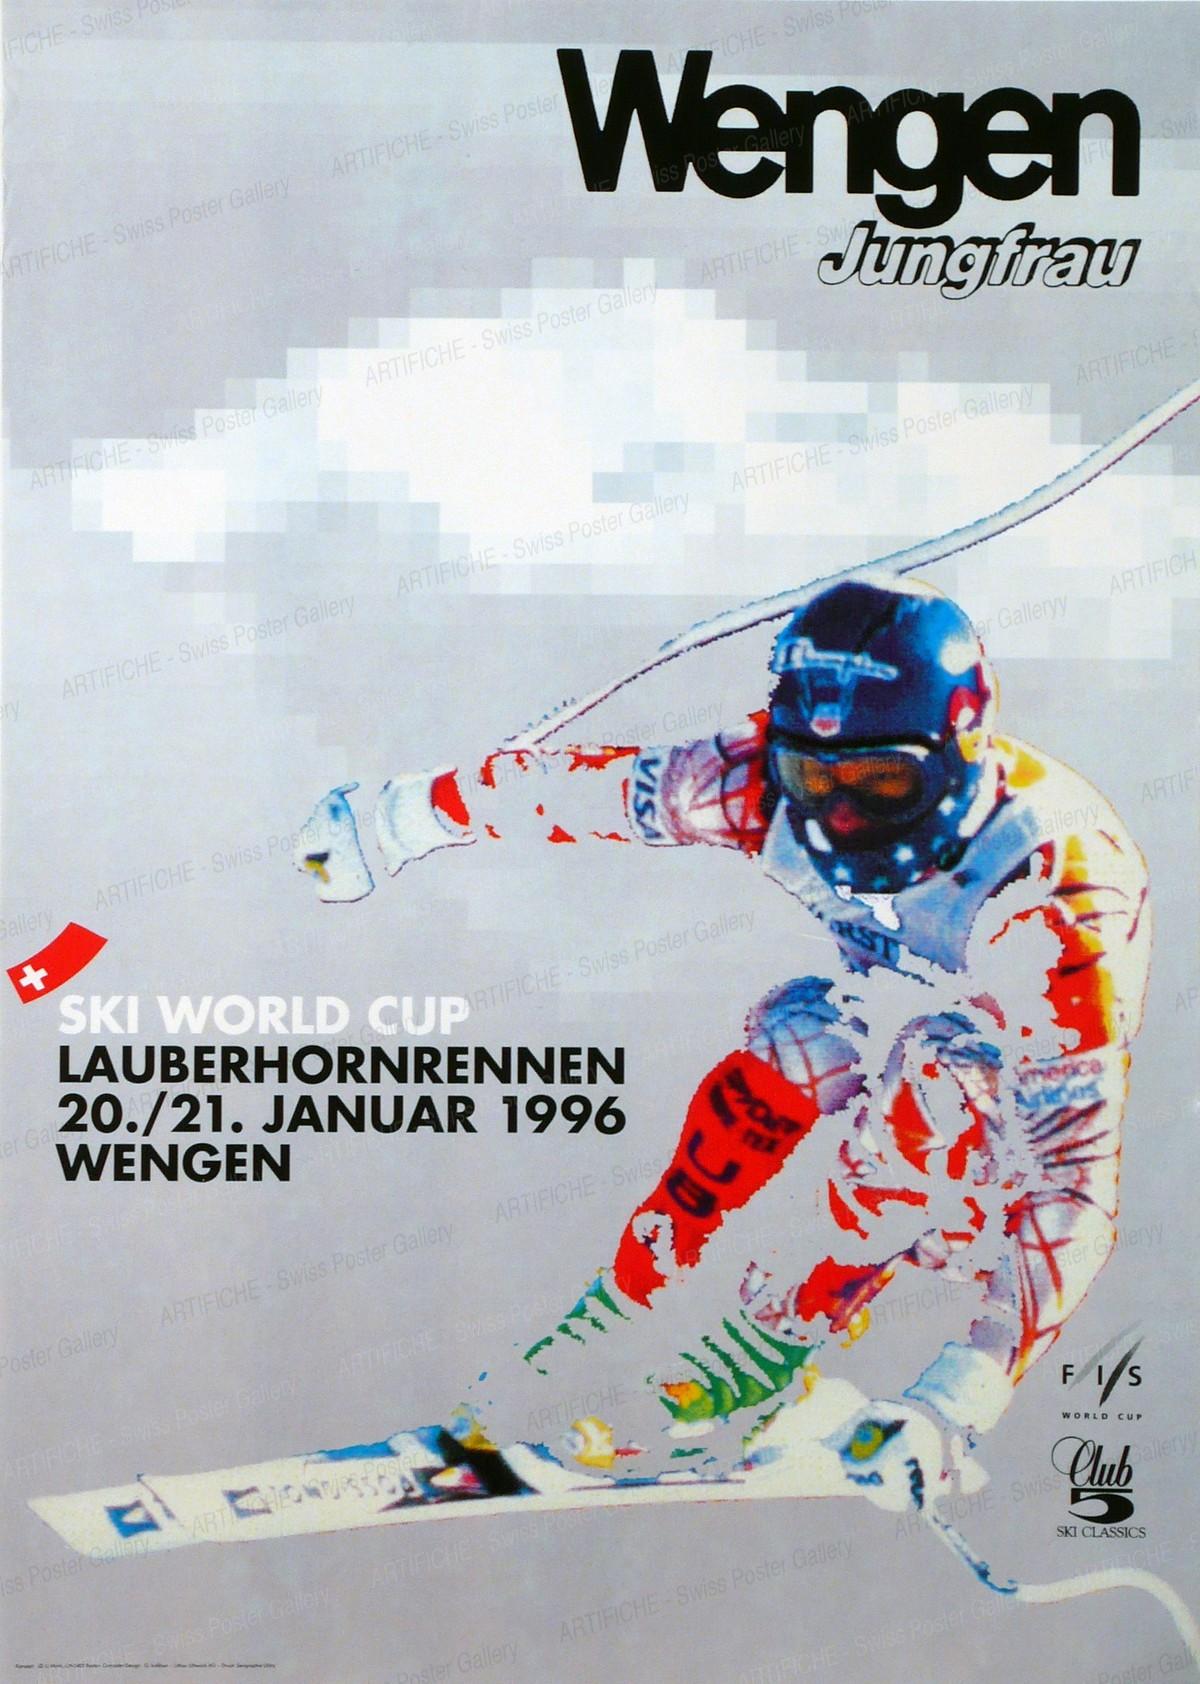 Wengen – Jungfrau – Ski World Cup – Lauberhornrennen 20./21. Januar 1996, Ueli Marti